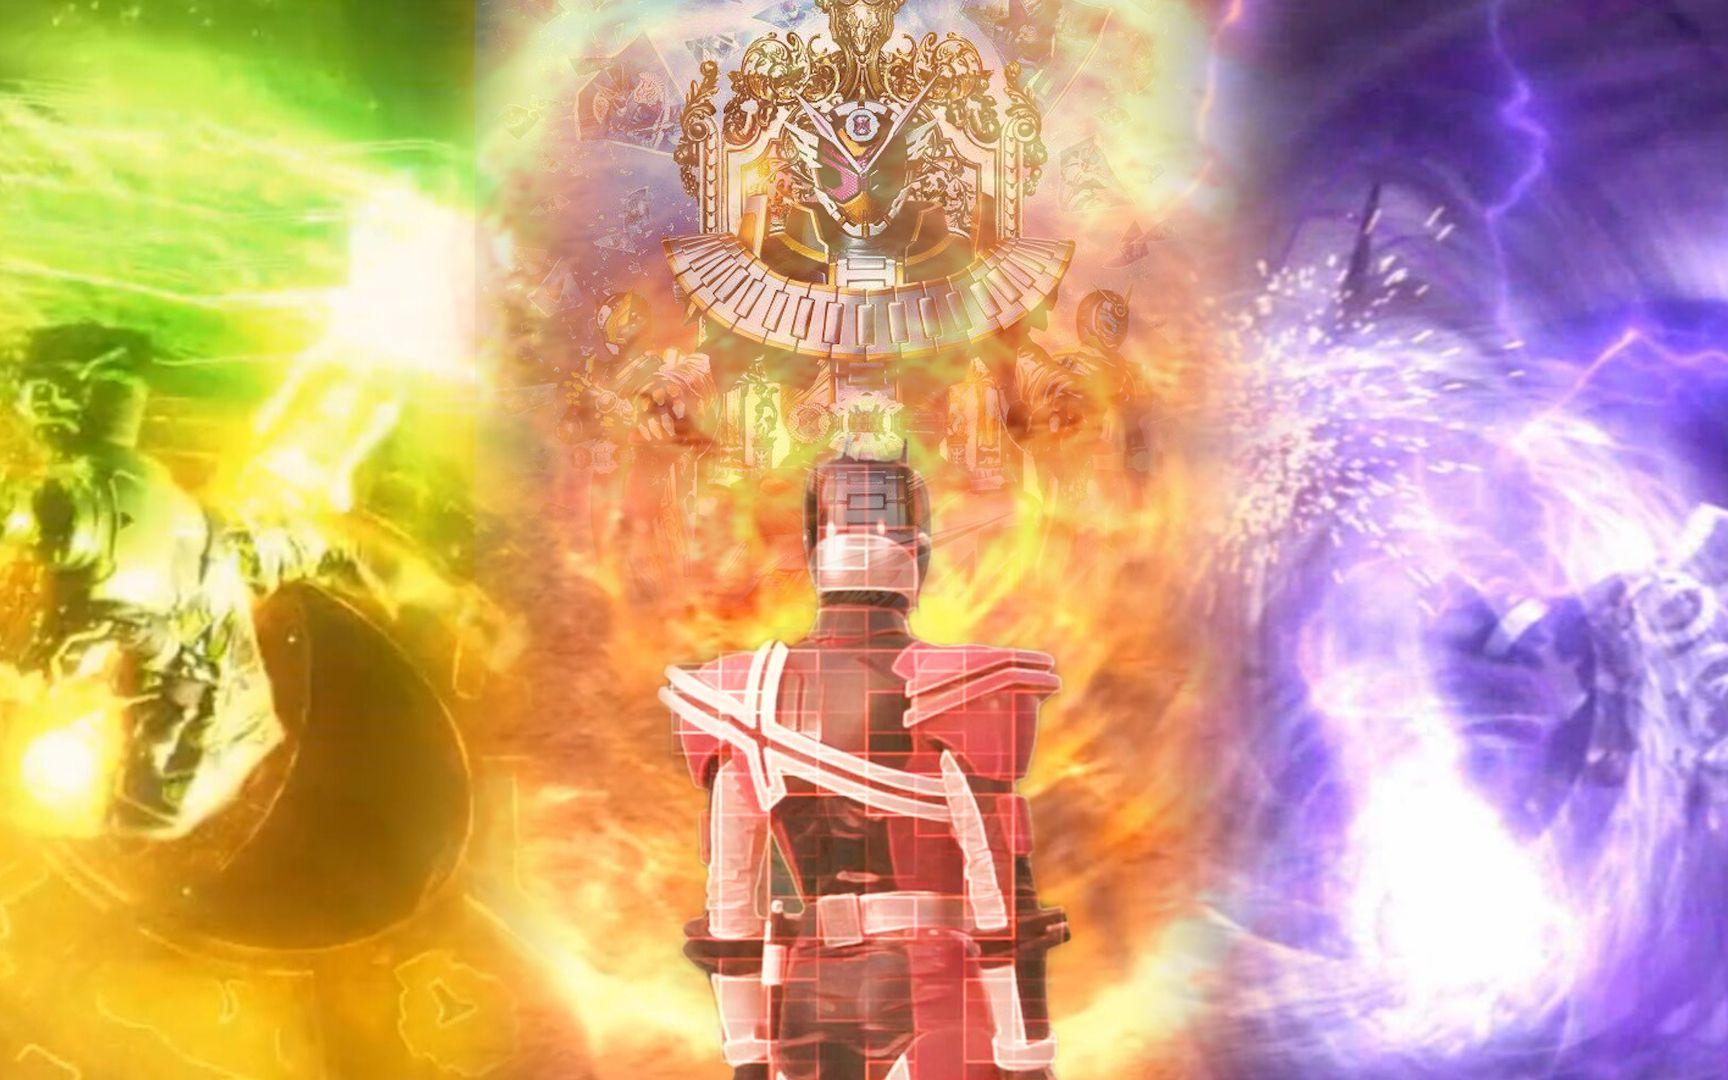 在这片天空下谁都有属于自己的正义  假面骑士【MAD/燃向】